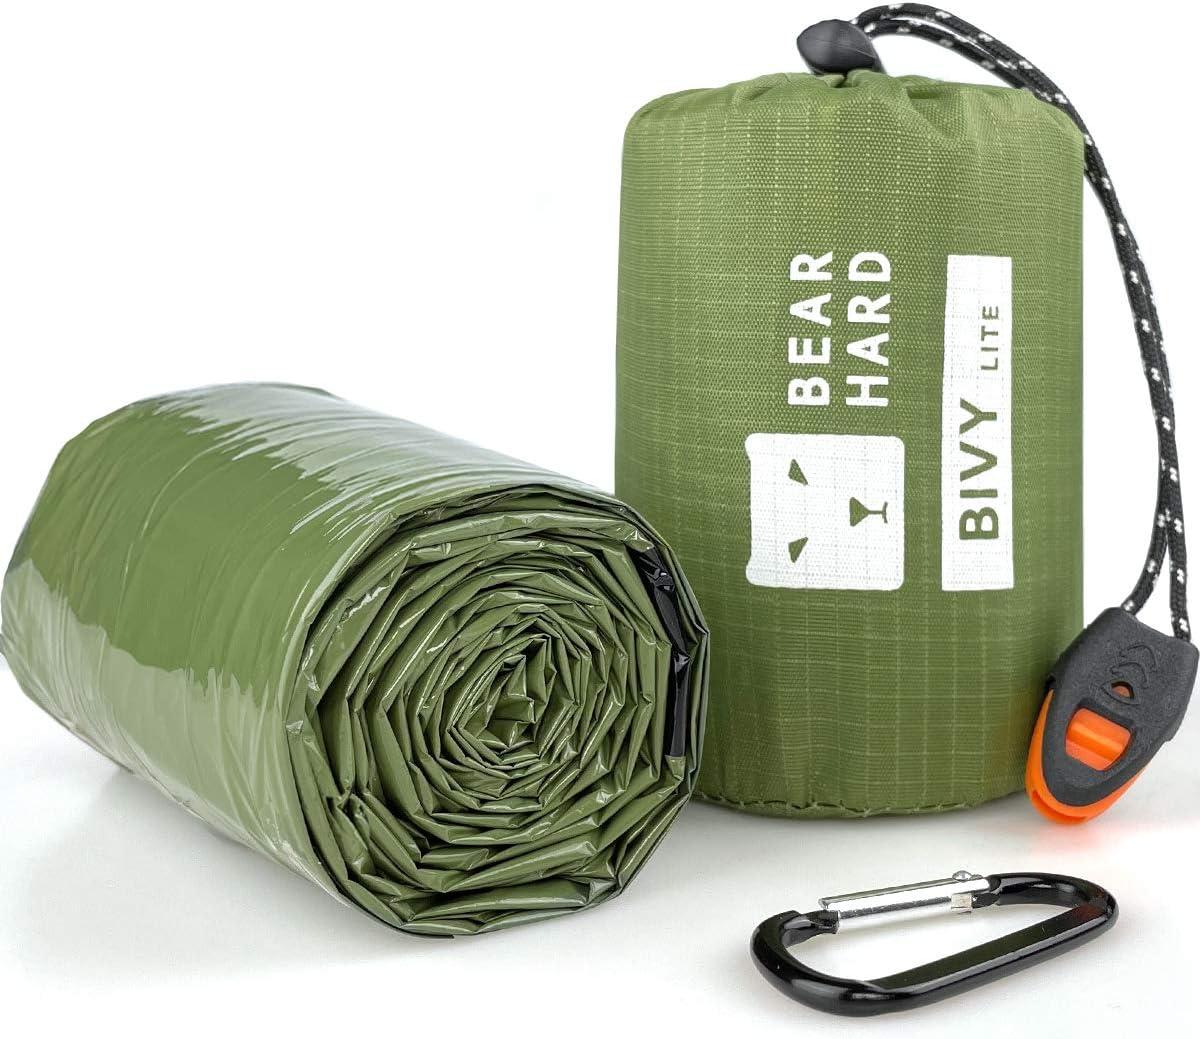 Bearhard Saco de dormir de emergencia para acampada, senderismo y refugio de emergencia [[2 Paquete] Camo Bivy -12x7.5x6.5cm ]